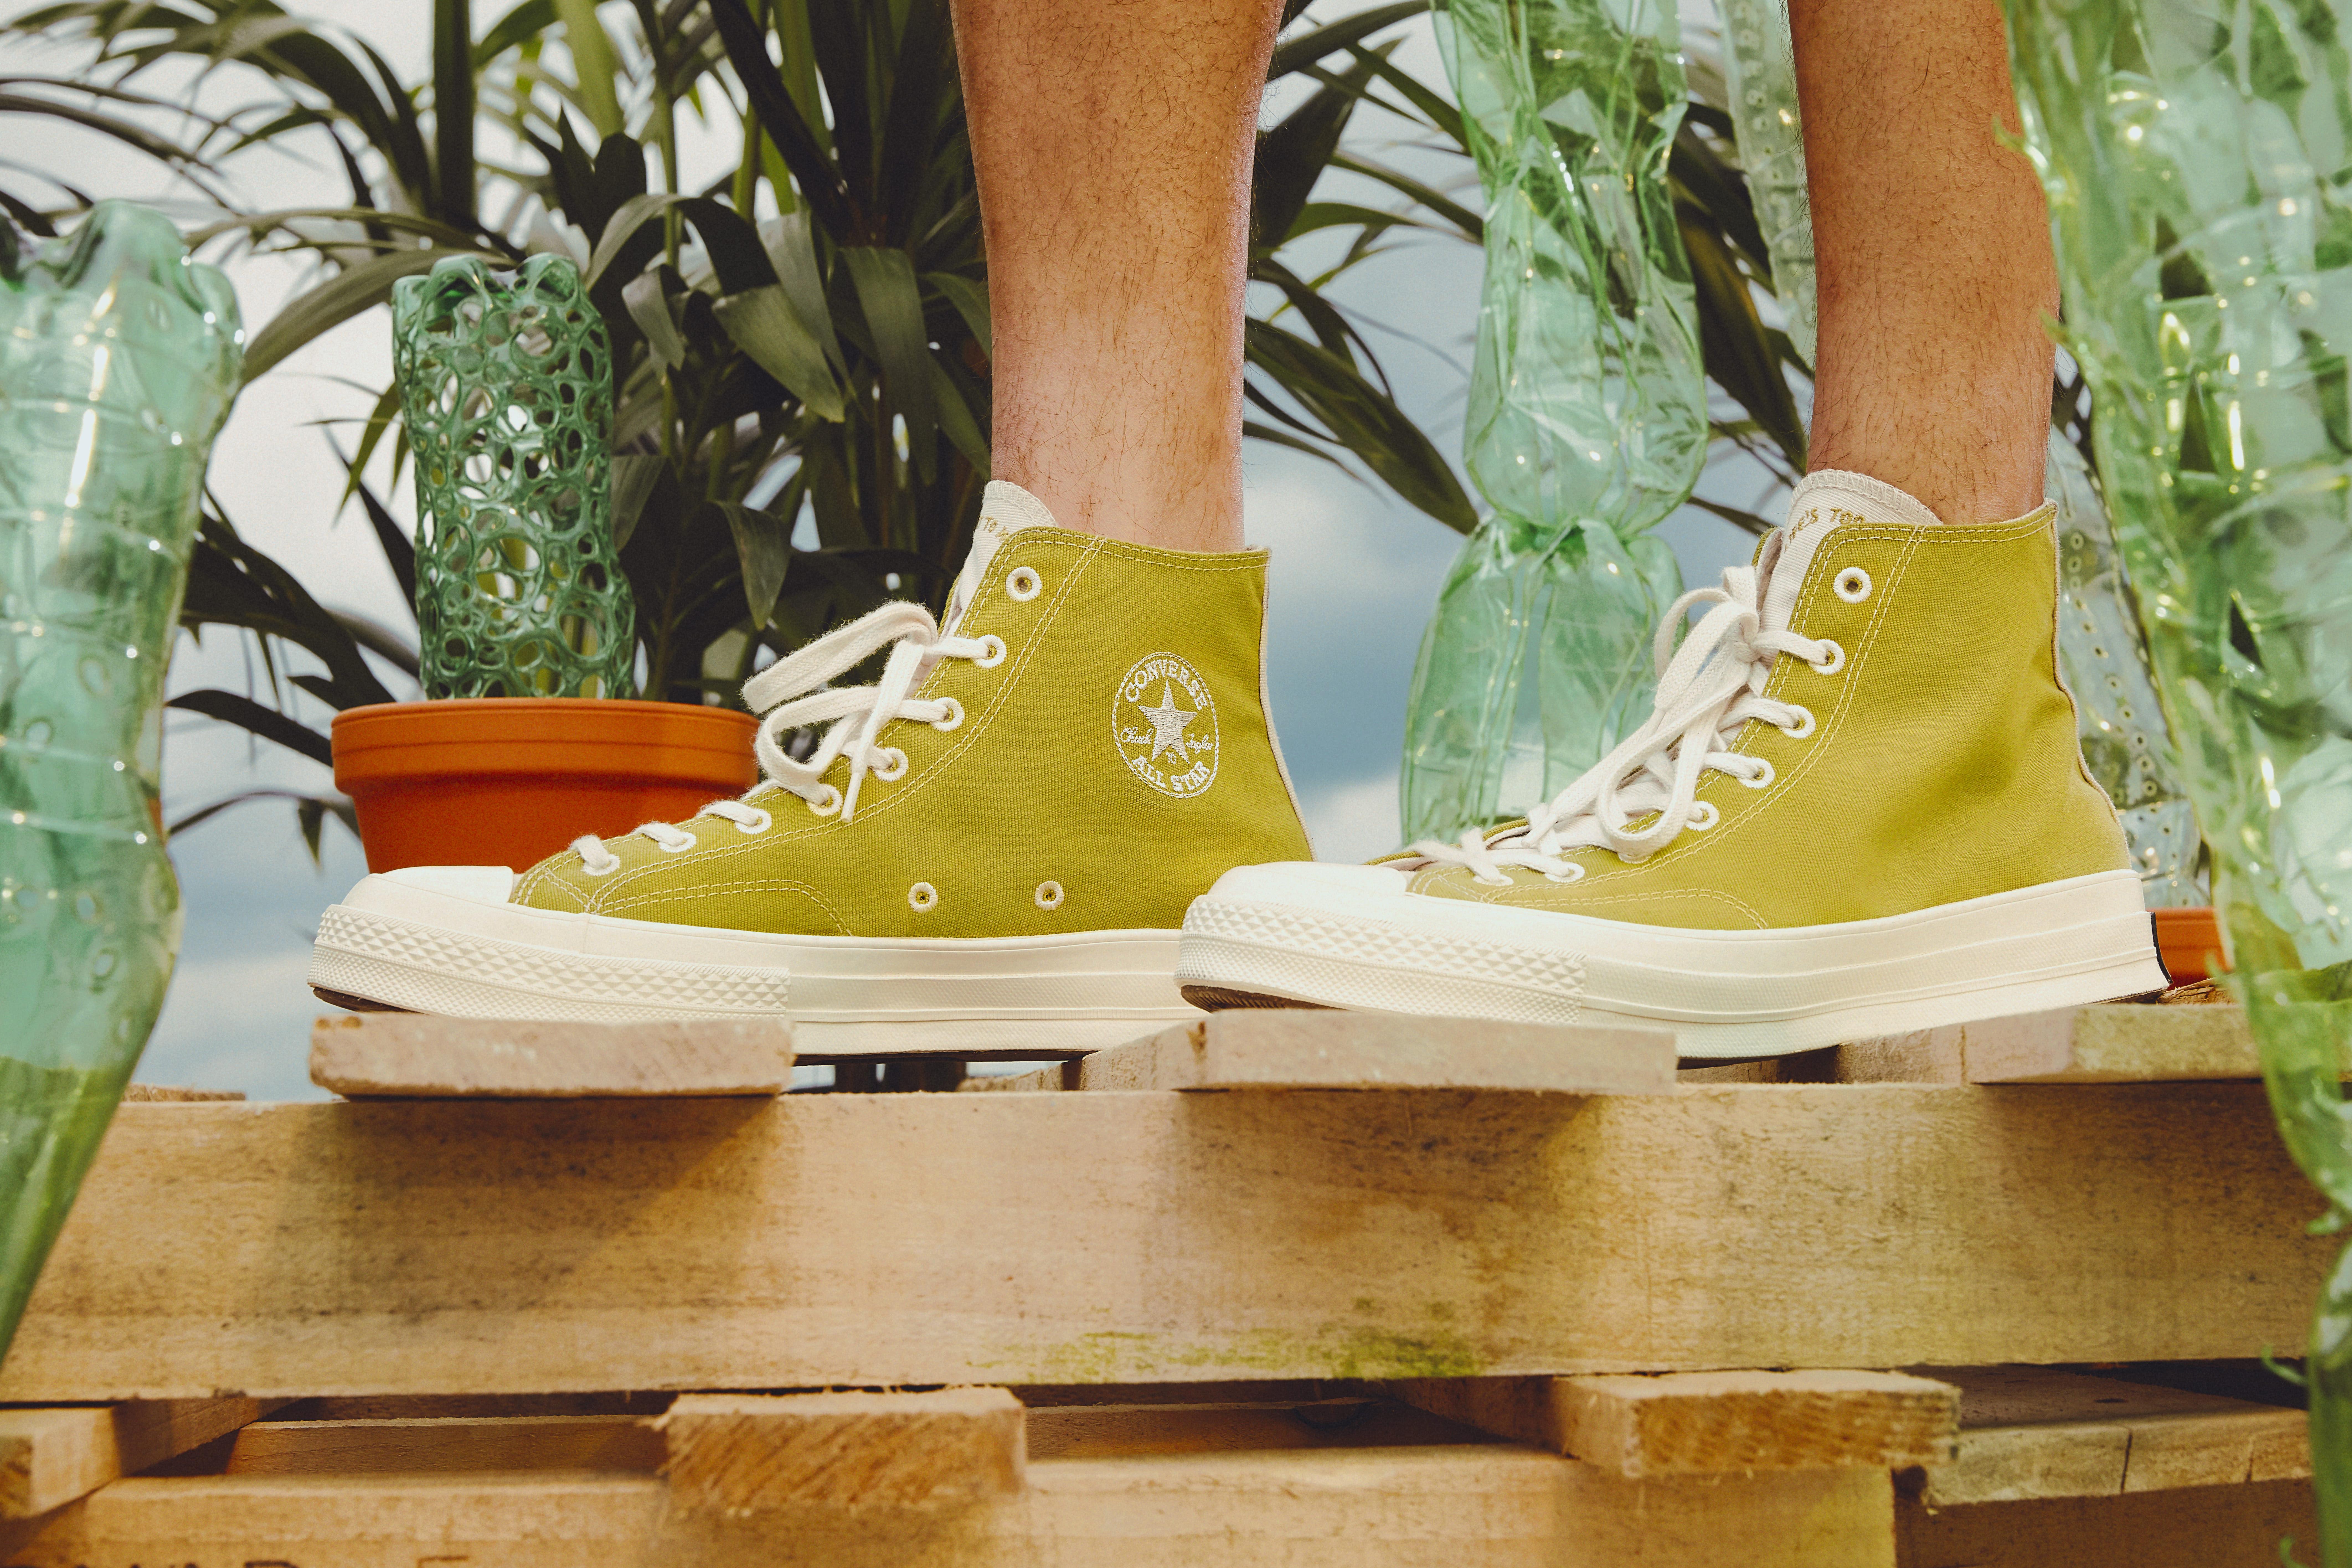 CONVERSE 用塑料瓶就能做出帆布鞋了?